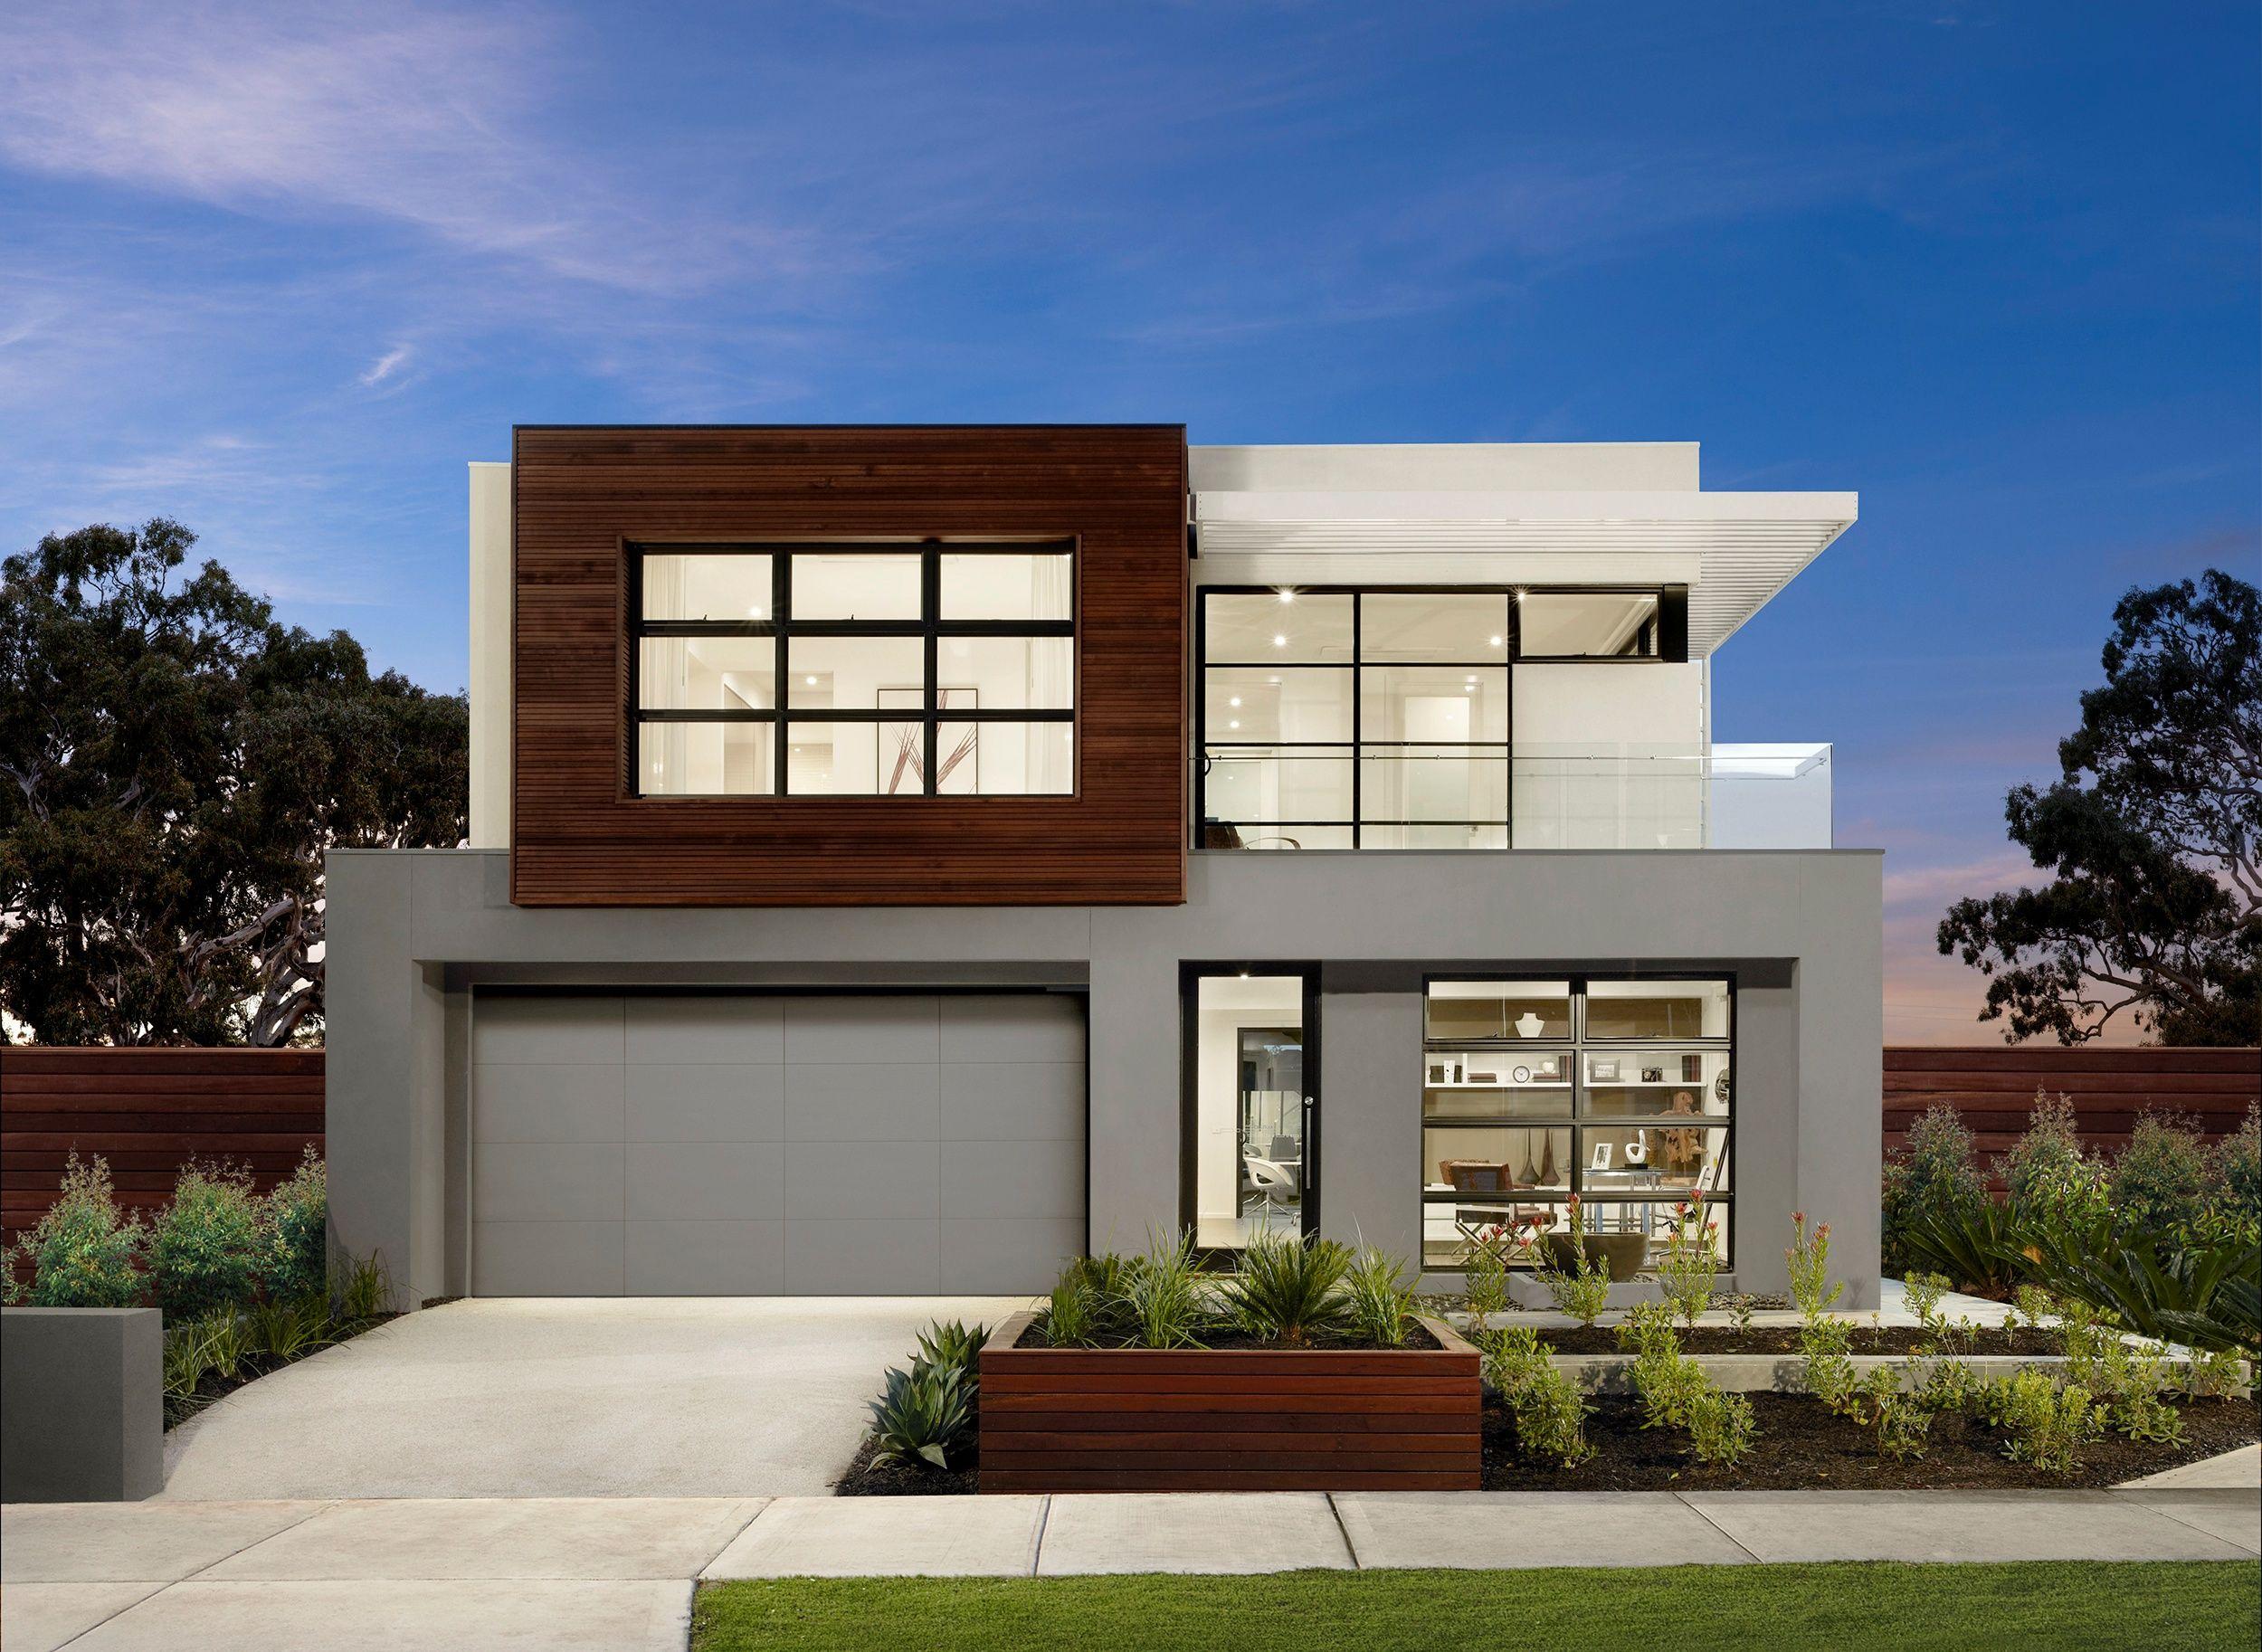 K1 alpha facade two storey house plans facade house house exteriors dream